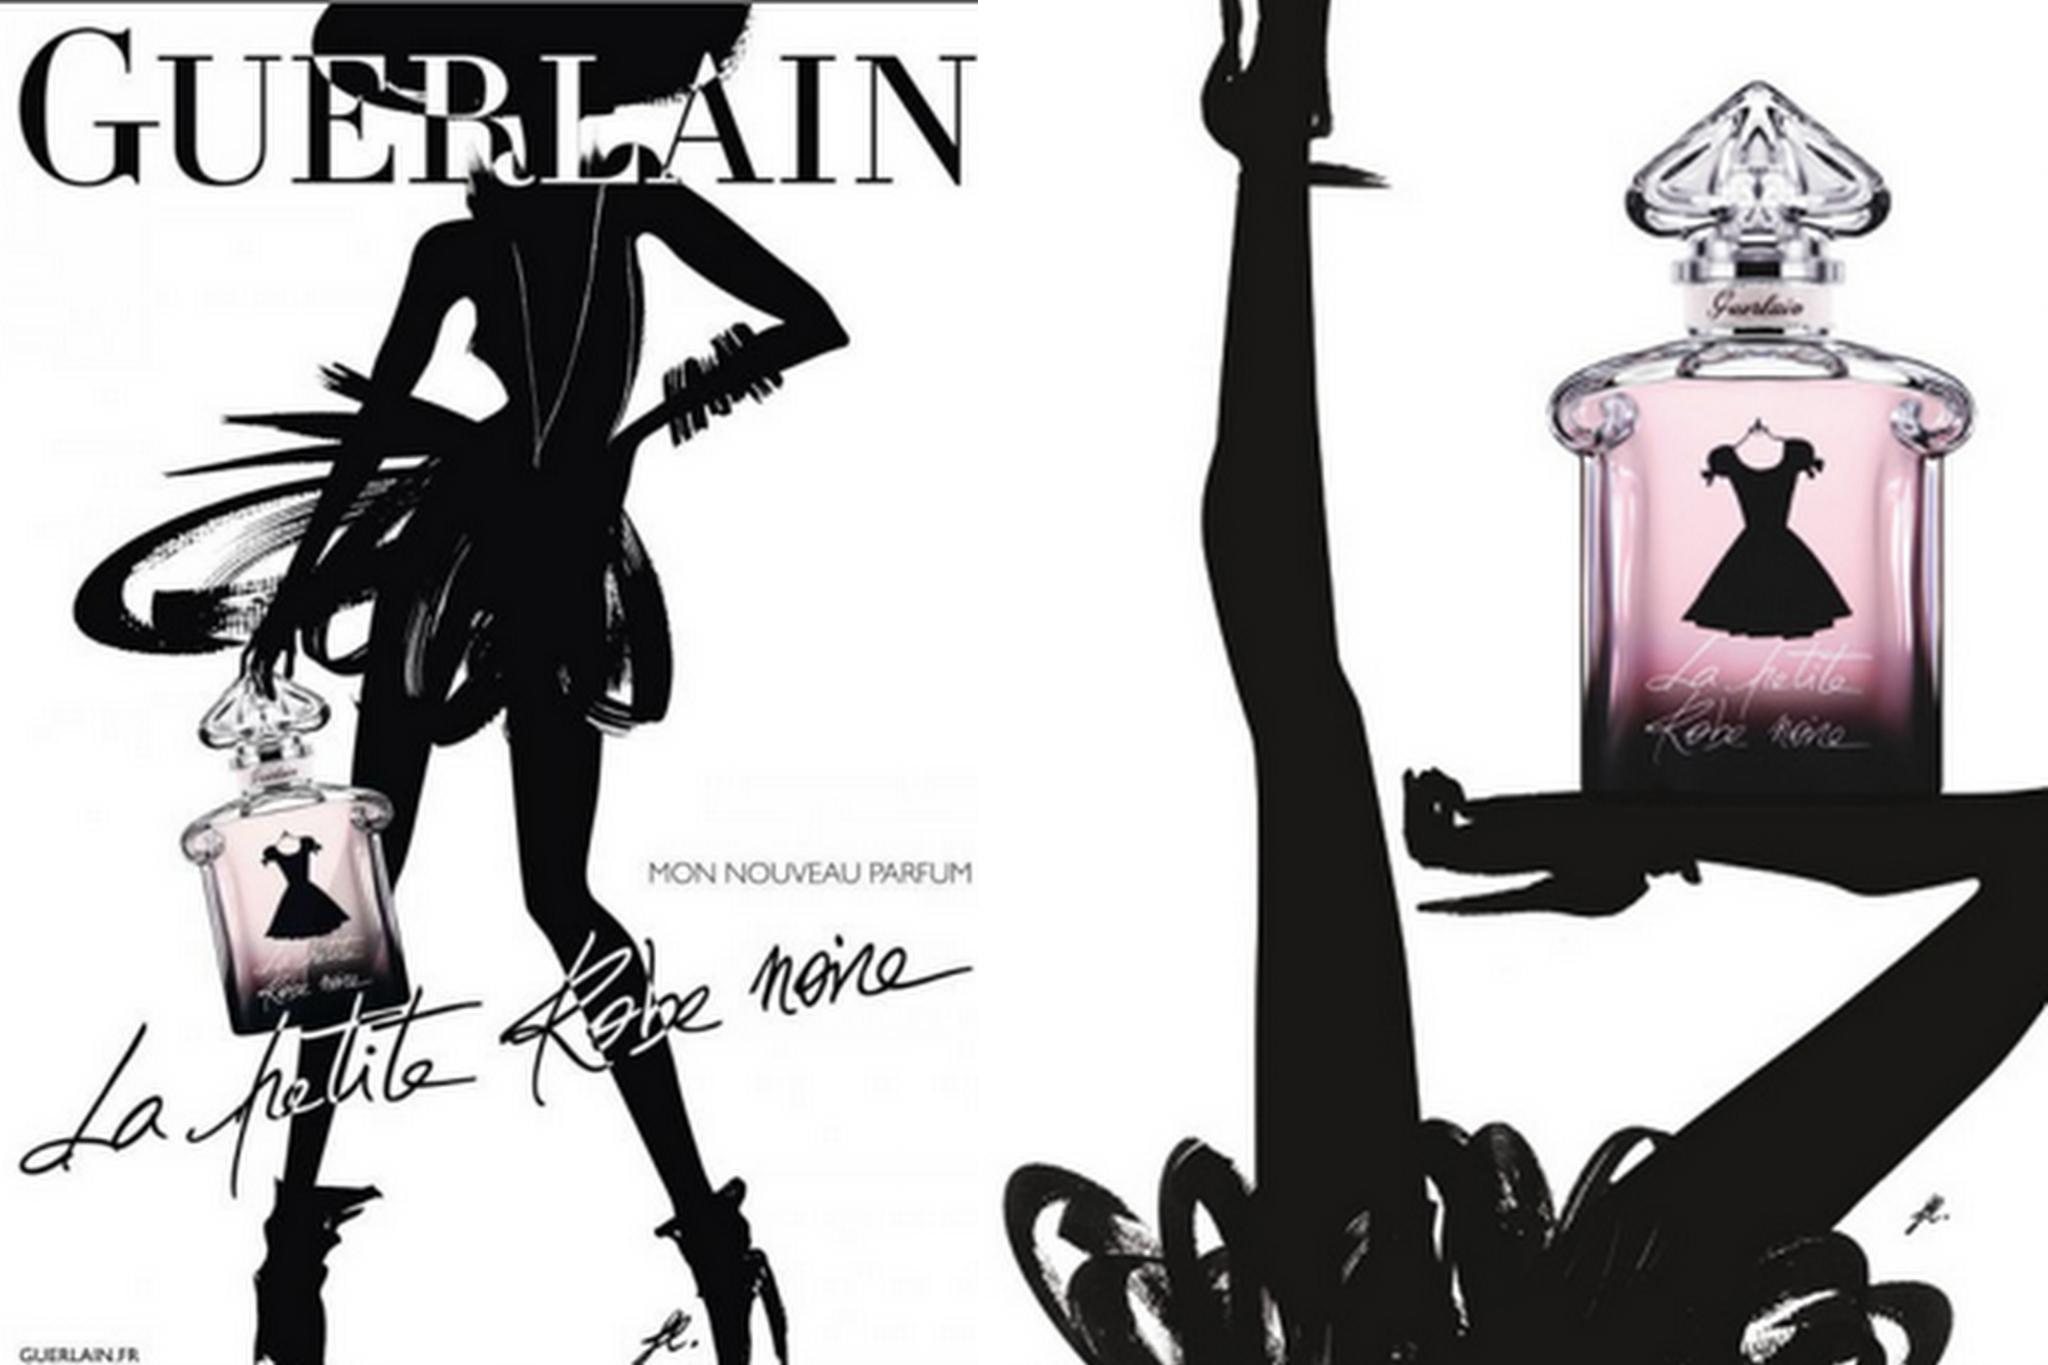 2014 Parfum Guerlain La petite robe noire A2